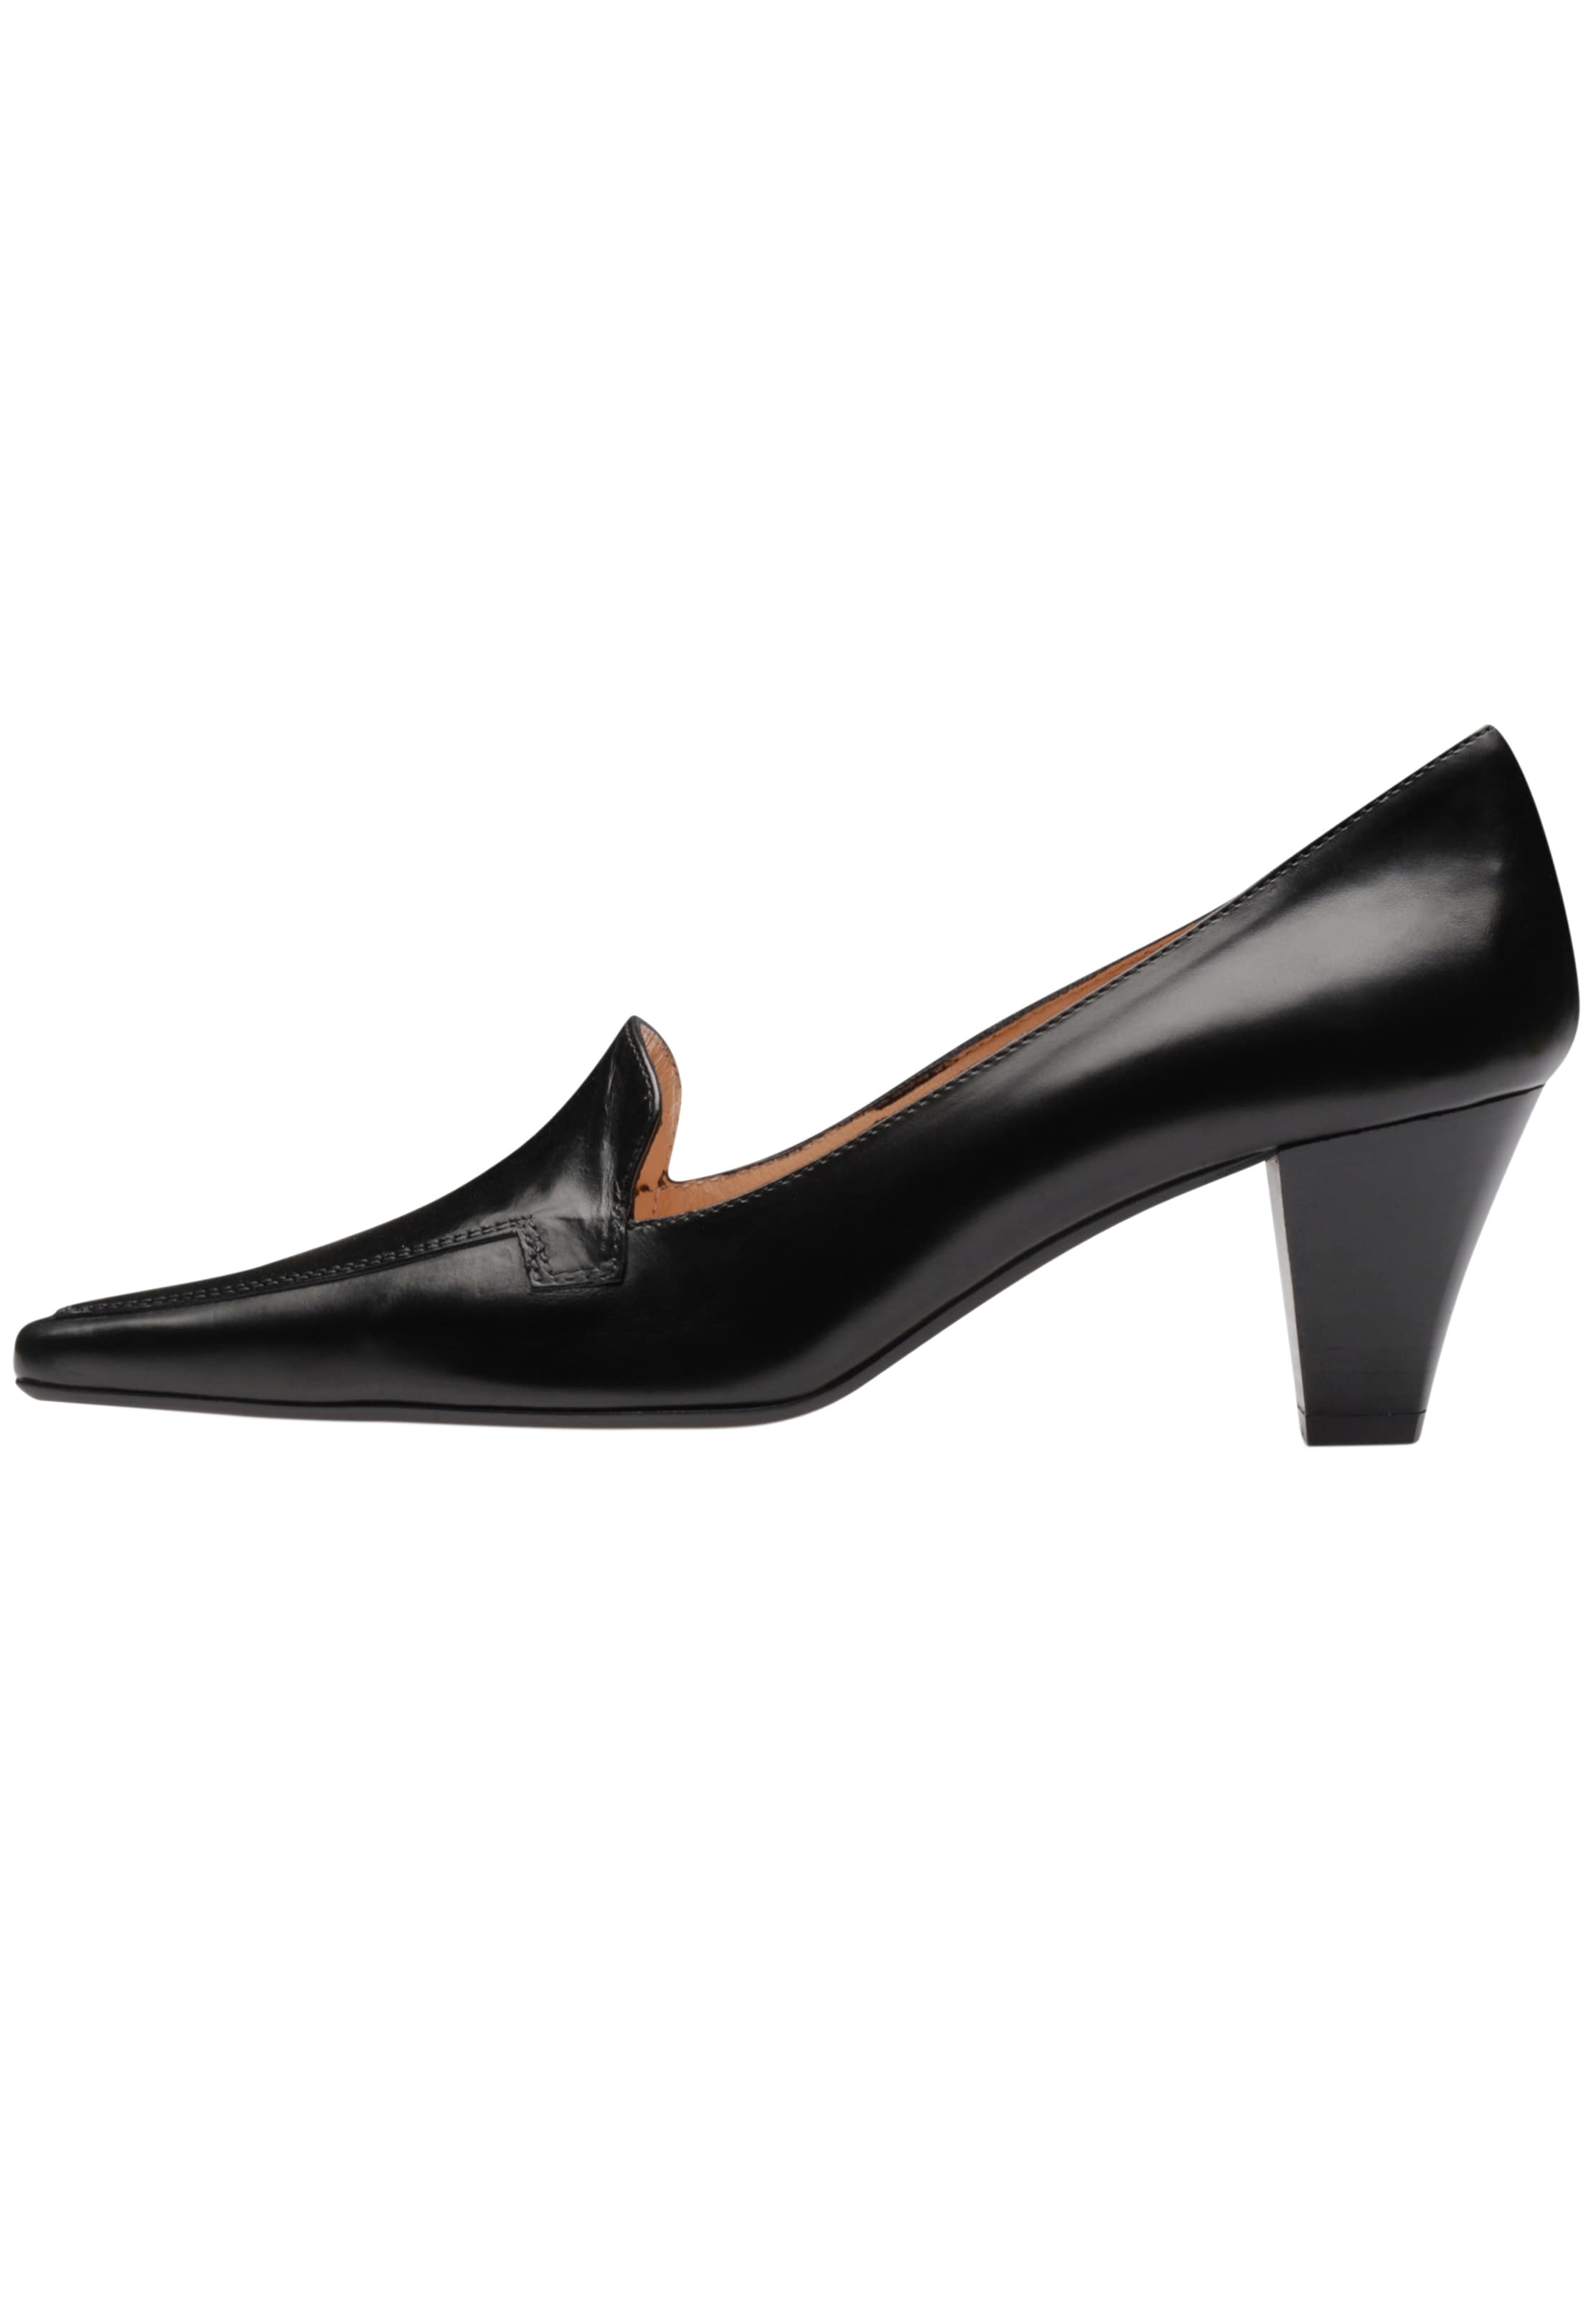 Escarpins En Evita Escarpins En En Noir Evita Evita Escarpins Noir Noir Evita Escarpins 5A43RjL